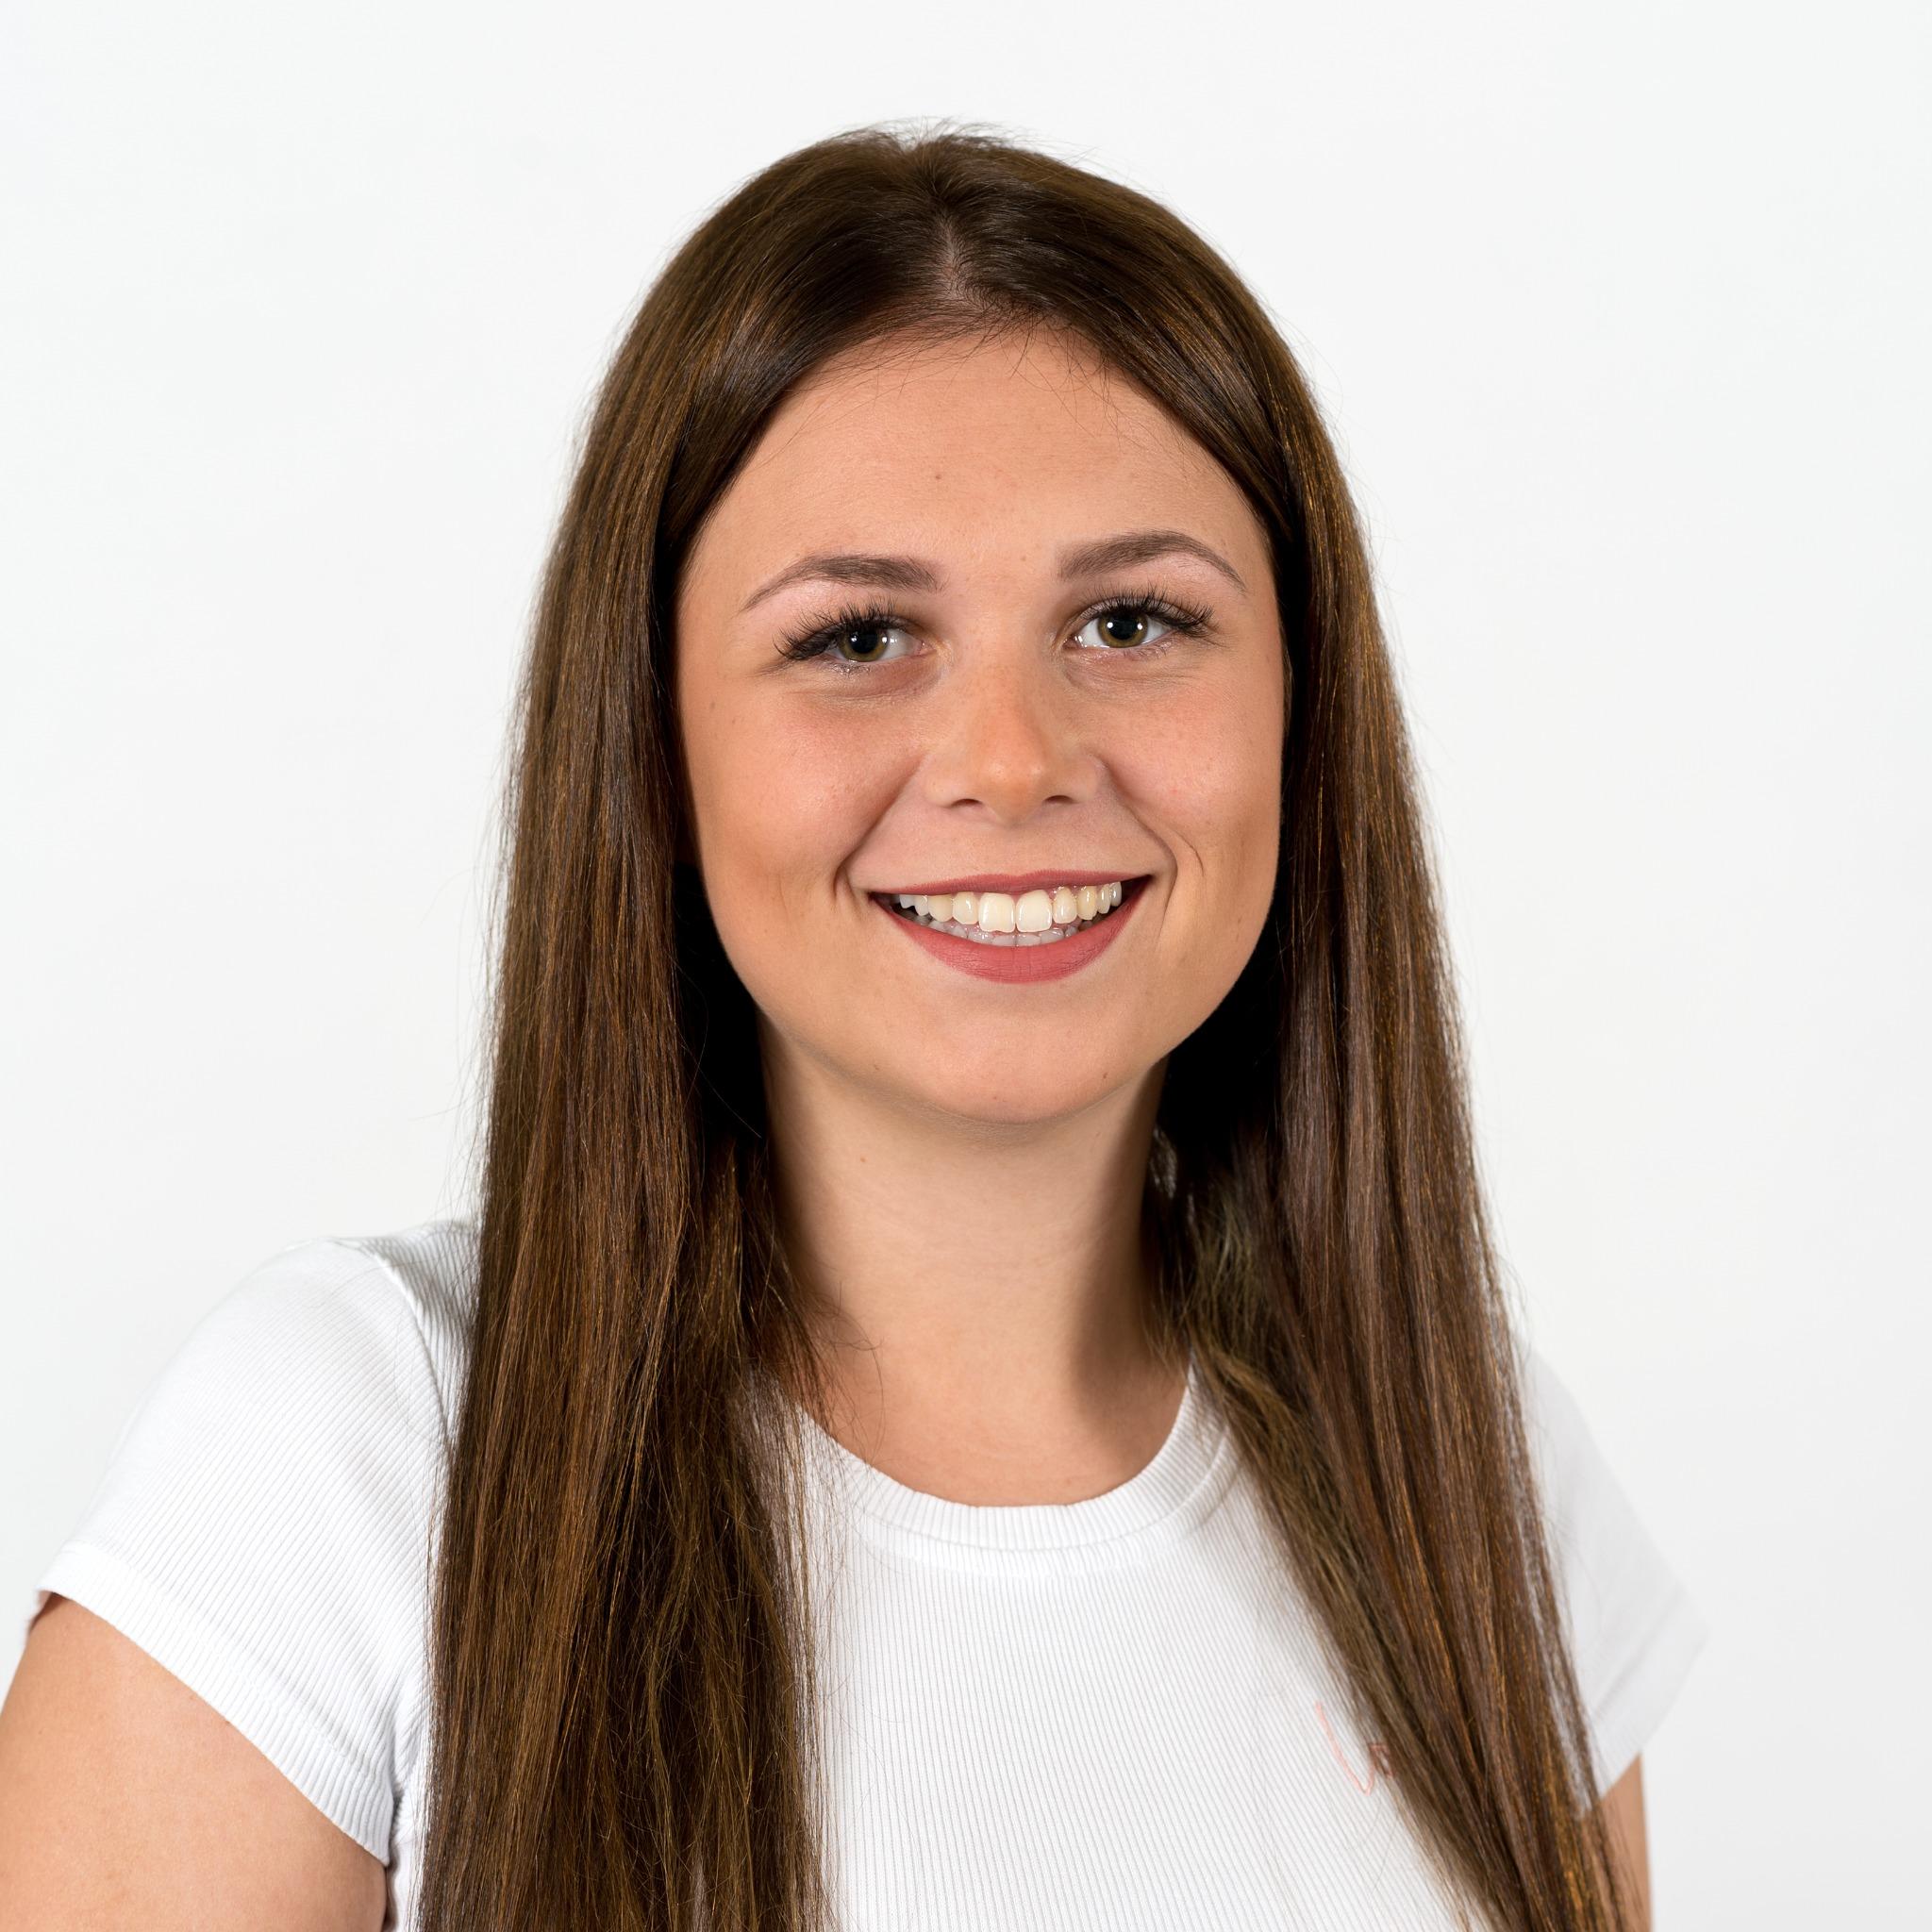 Jelena Lazendic